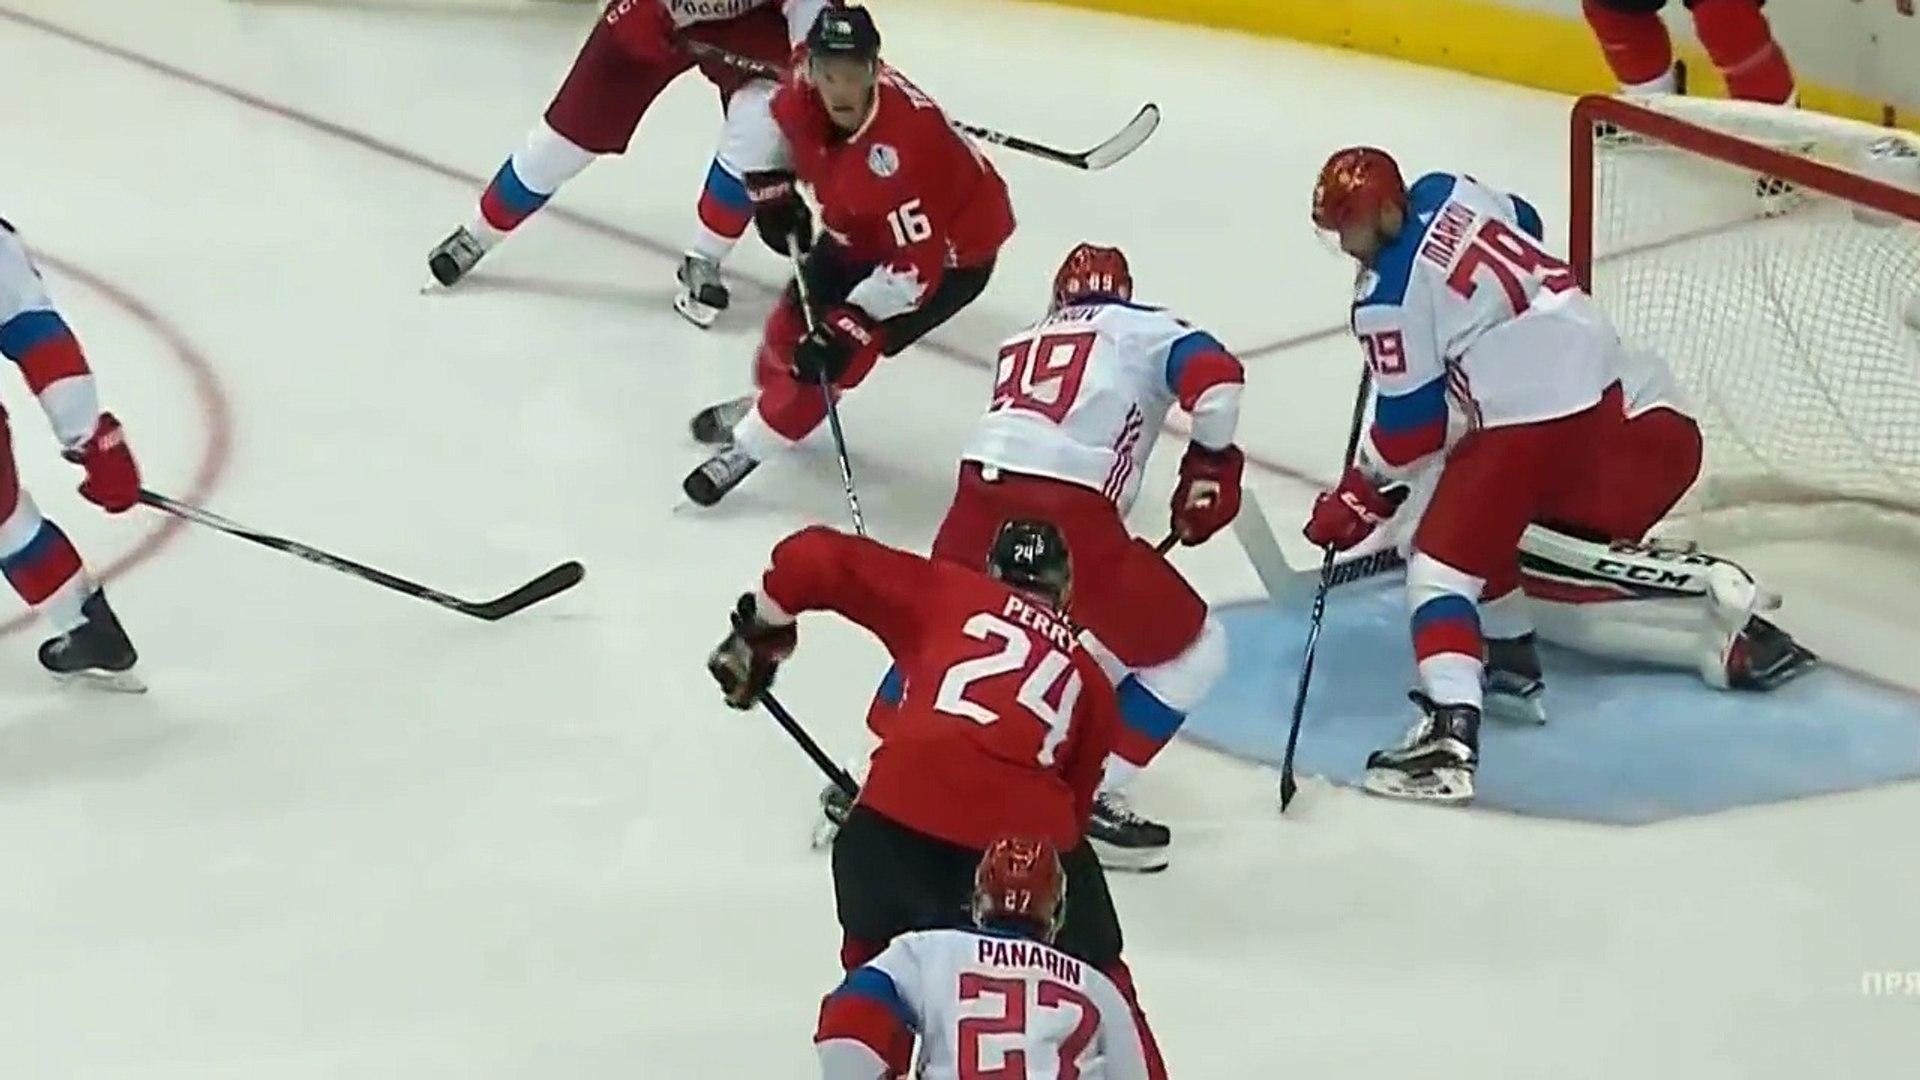 РОССИЯ - КАНАДА 3-5 ОБЗОР МАТЧА - ХОККЕЙ КУБОК МИРА 2016